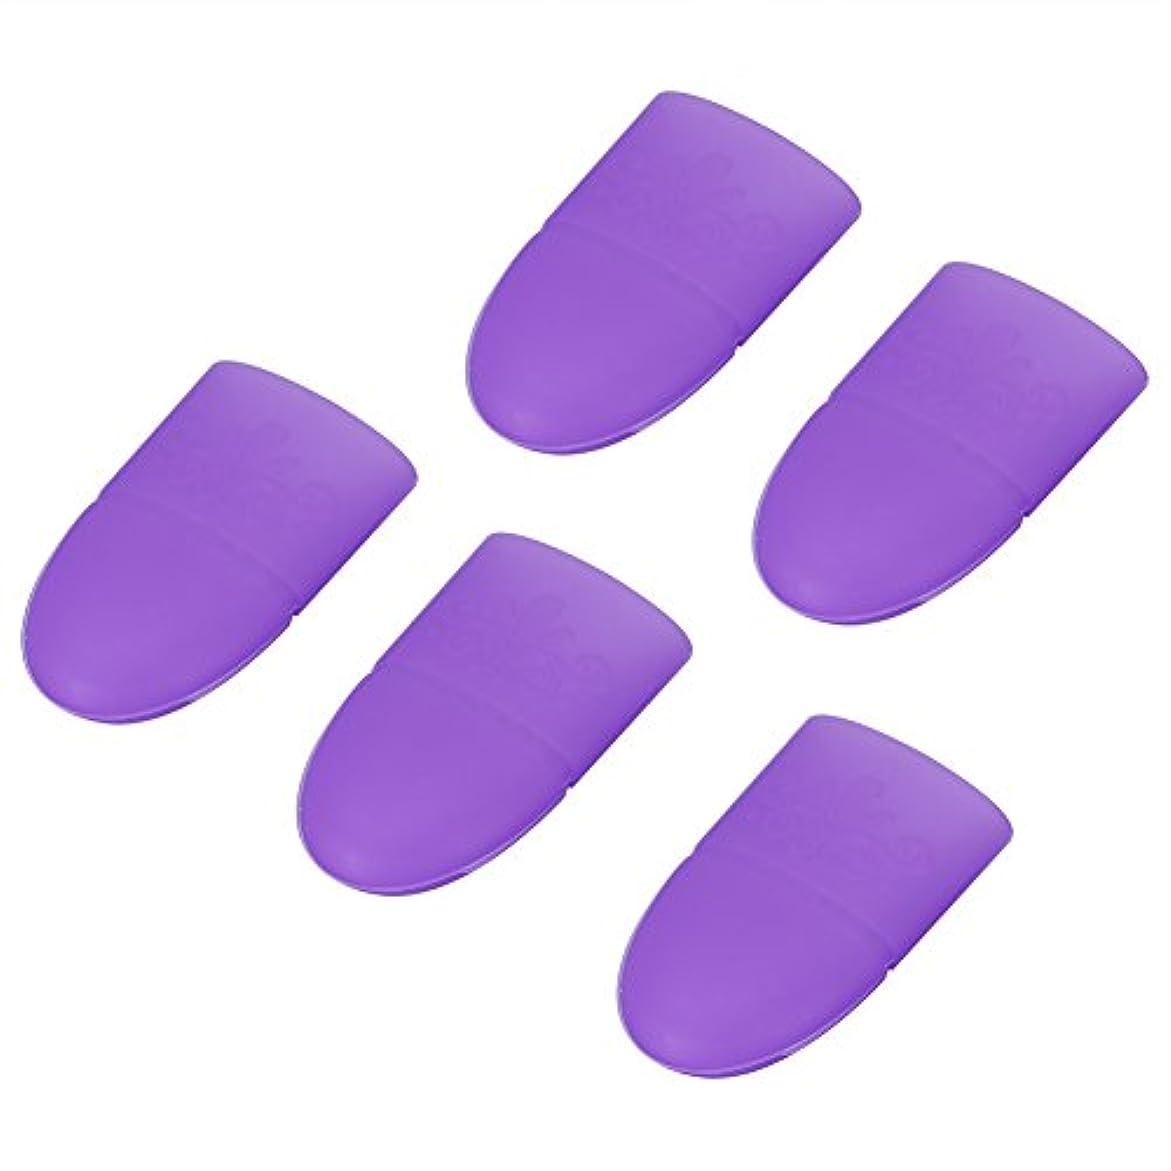 代数ステッチピアニストネイルジェルポリッシュキャップ、6色5個/セットネイルアートソークオフキャップジェルポリッシュリムーバーマニキュアソフトシリコン再利用クリップ(#3)